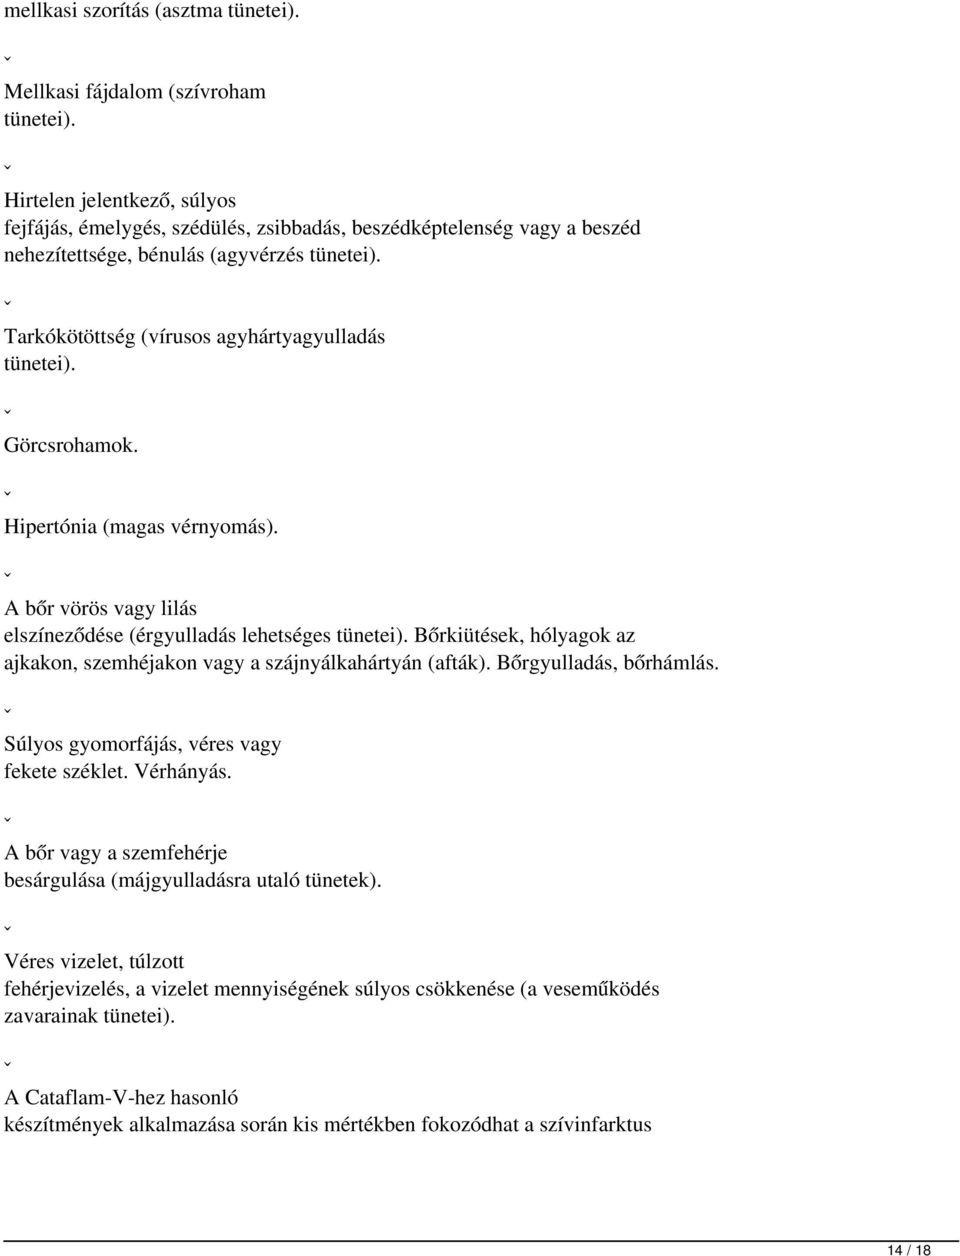 DICLOFENAC DUO PHARMAVIT 75 mg kemény kapszula - Gyógyszerkereső - Hárezpatko.hu